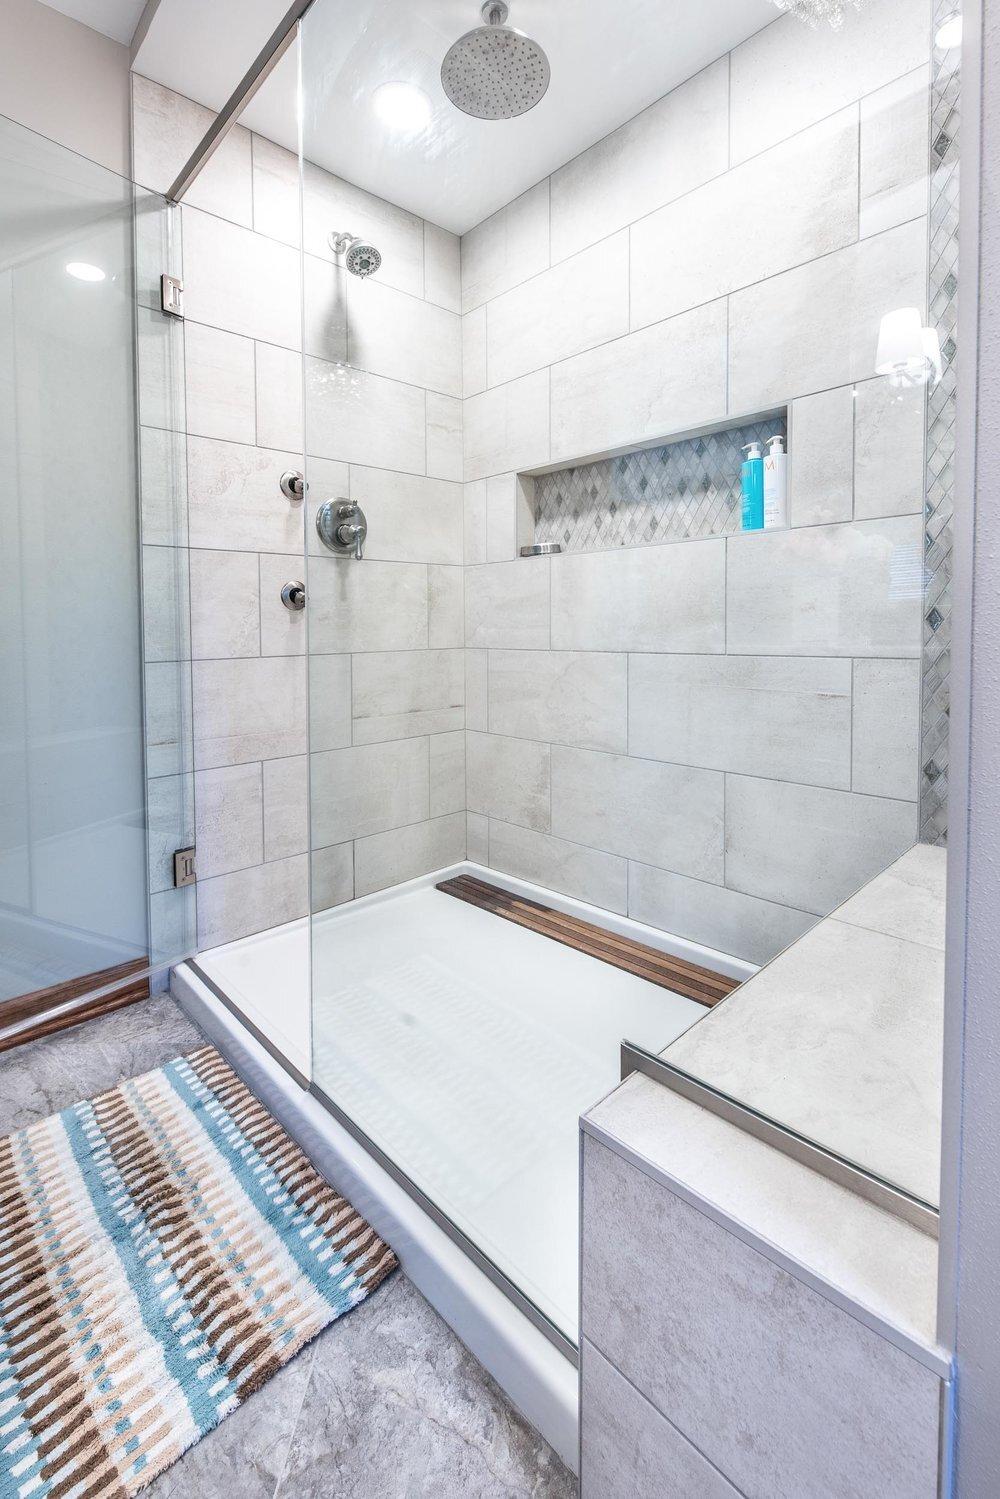 Fiberglass Prefab Shower Stalls Vs Custom Tiled Showers Degnan Design Build Remodel